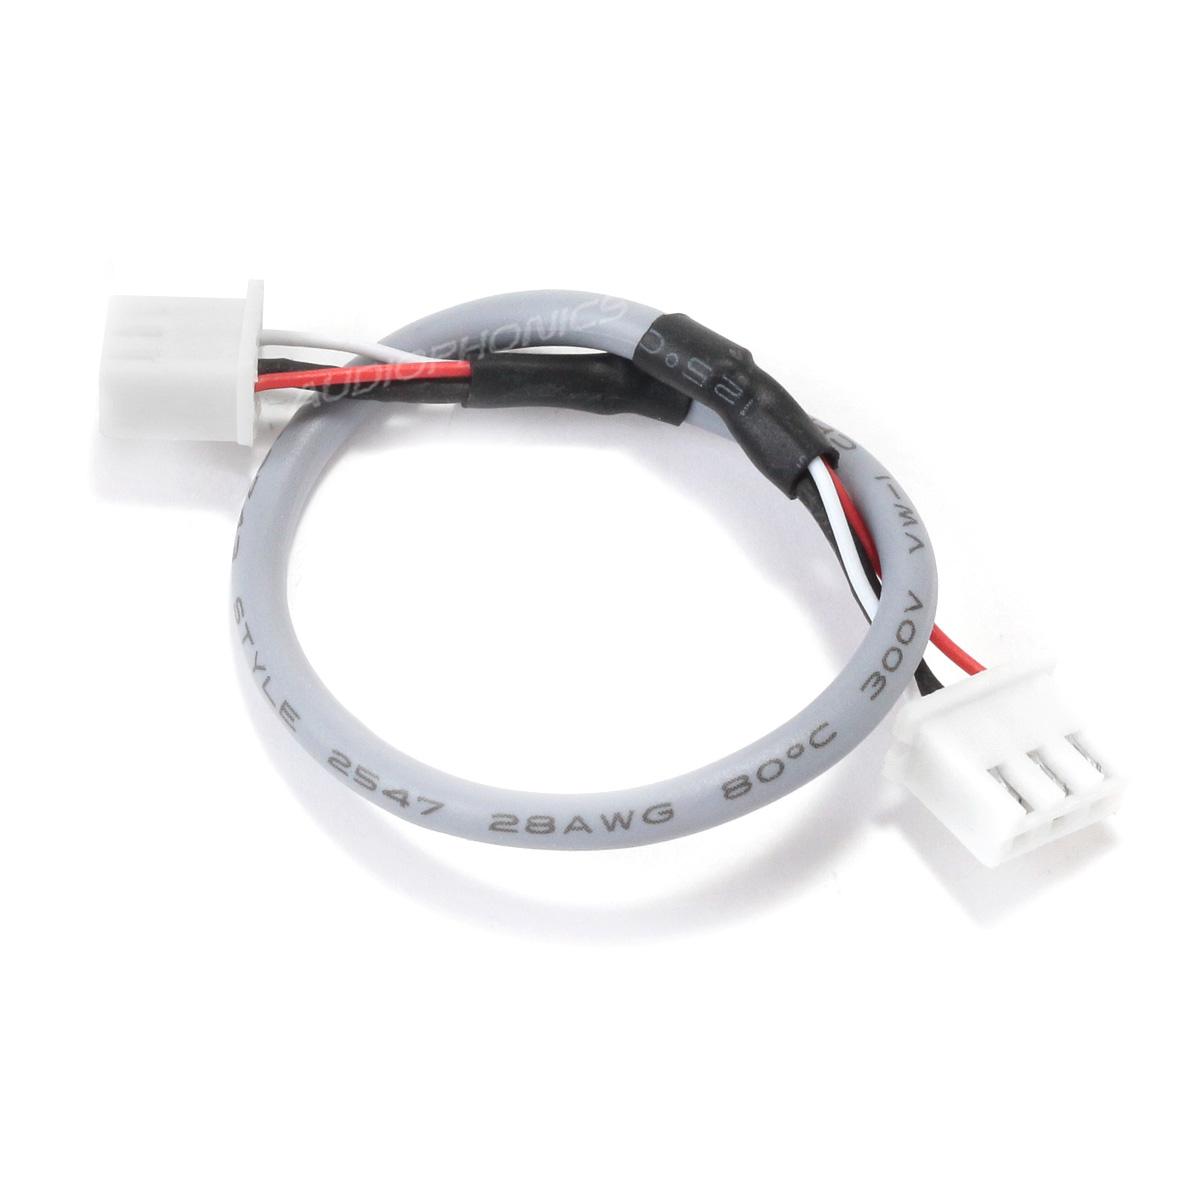 XH 2.54mm Female / Female Cable 3 Poles 2 Connectors Shielded Gray 15cm (Unit)